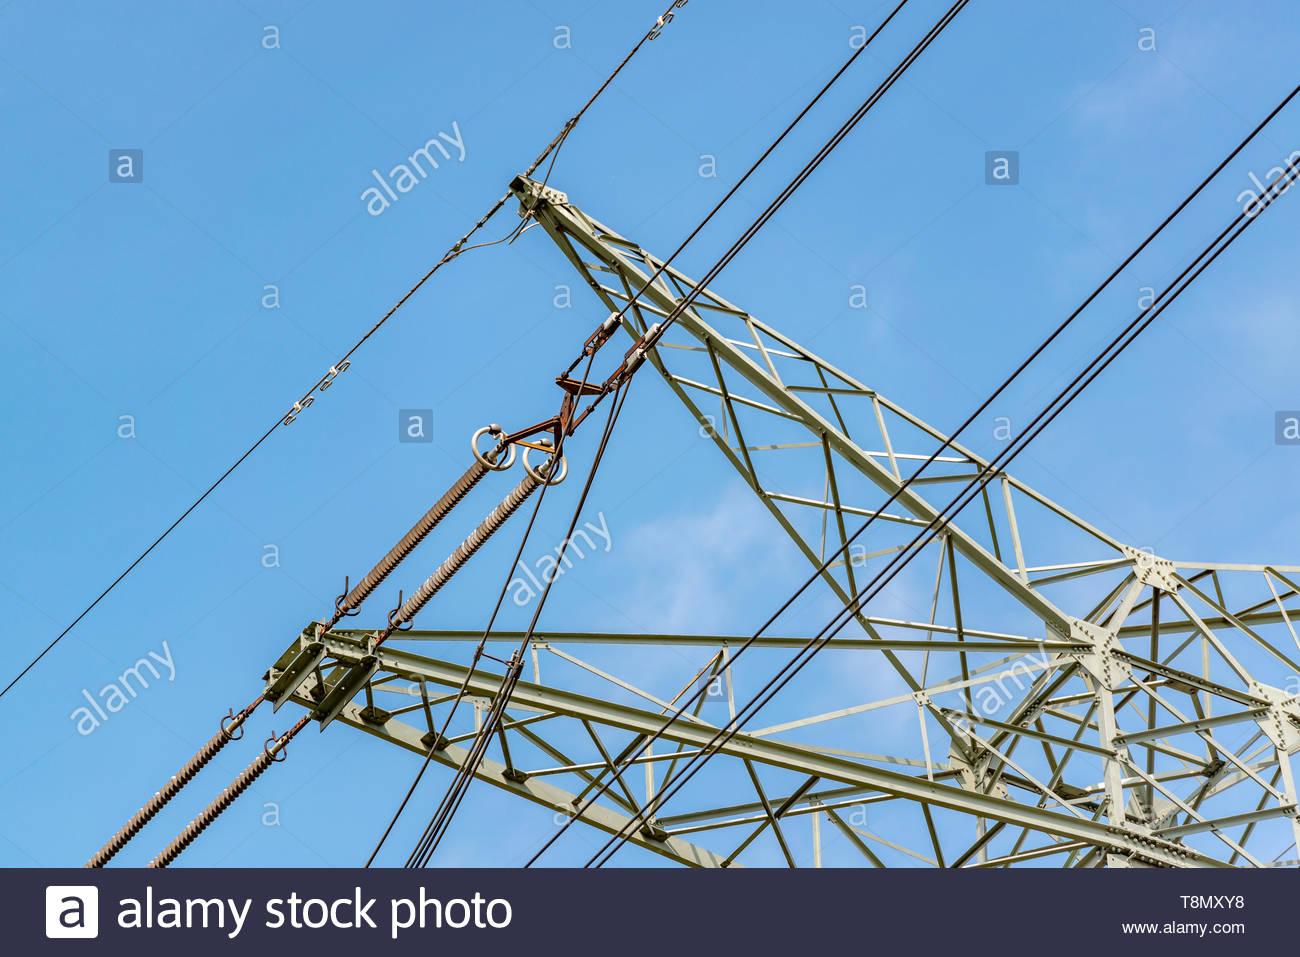 Detailaufnahme Hochspannungsmasten vor blauem Himmel - Stock Image